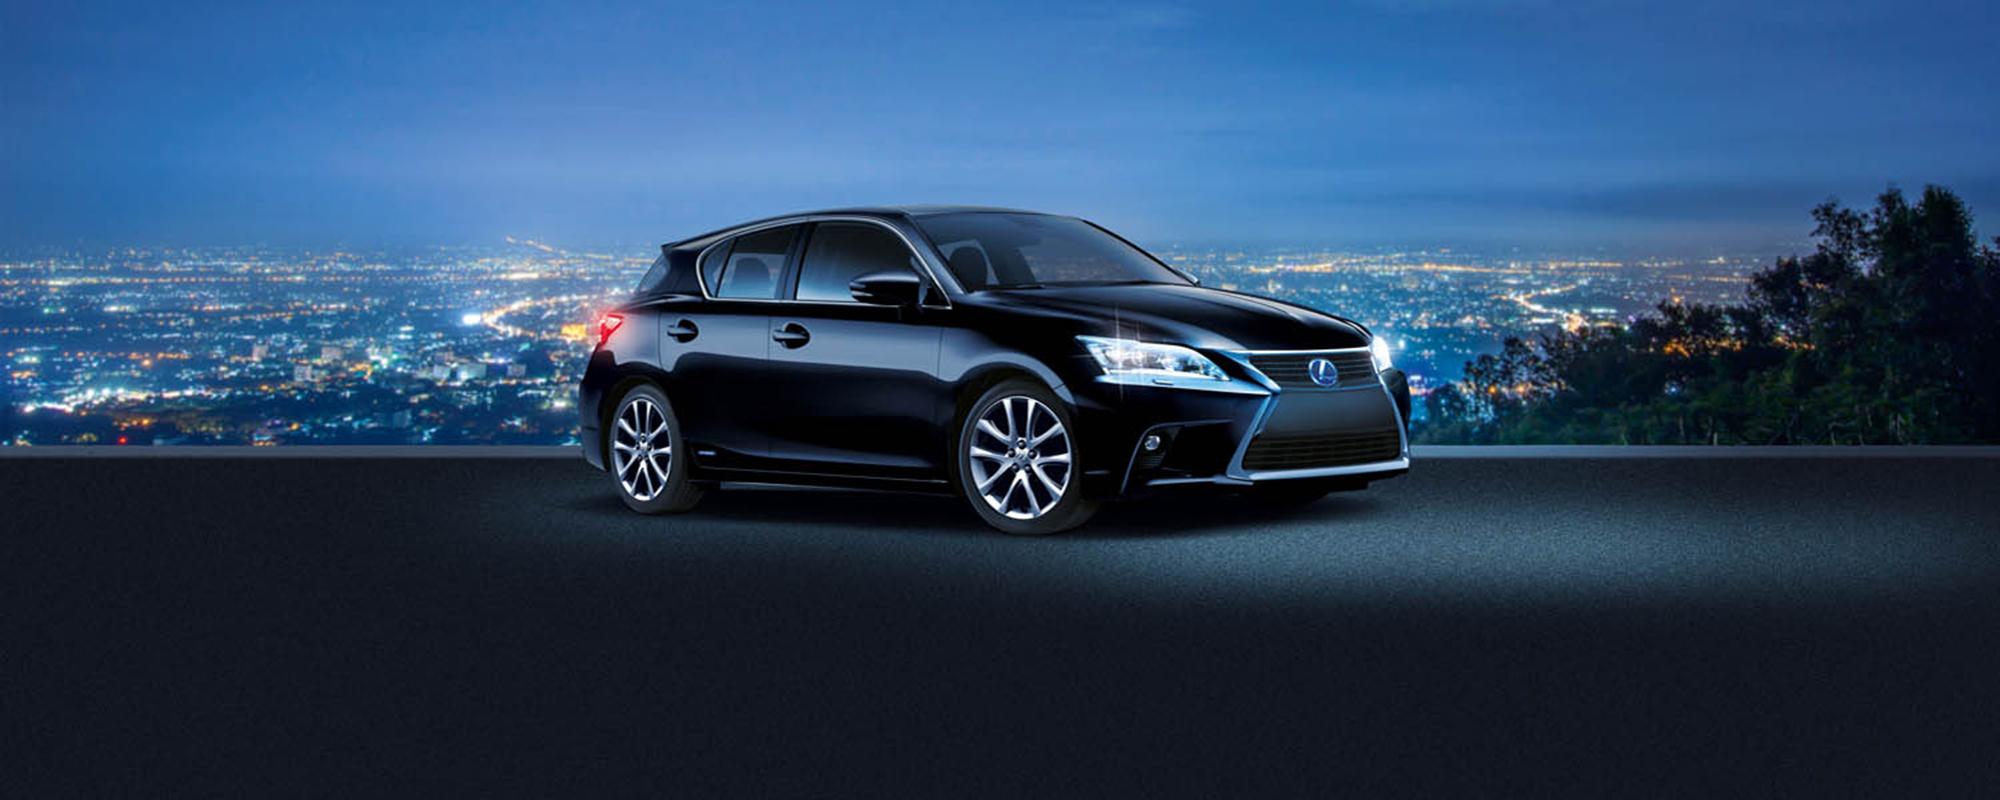 Lexus CT 200h 25th Edition: heel veel extra en maar 14% bijtelling